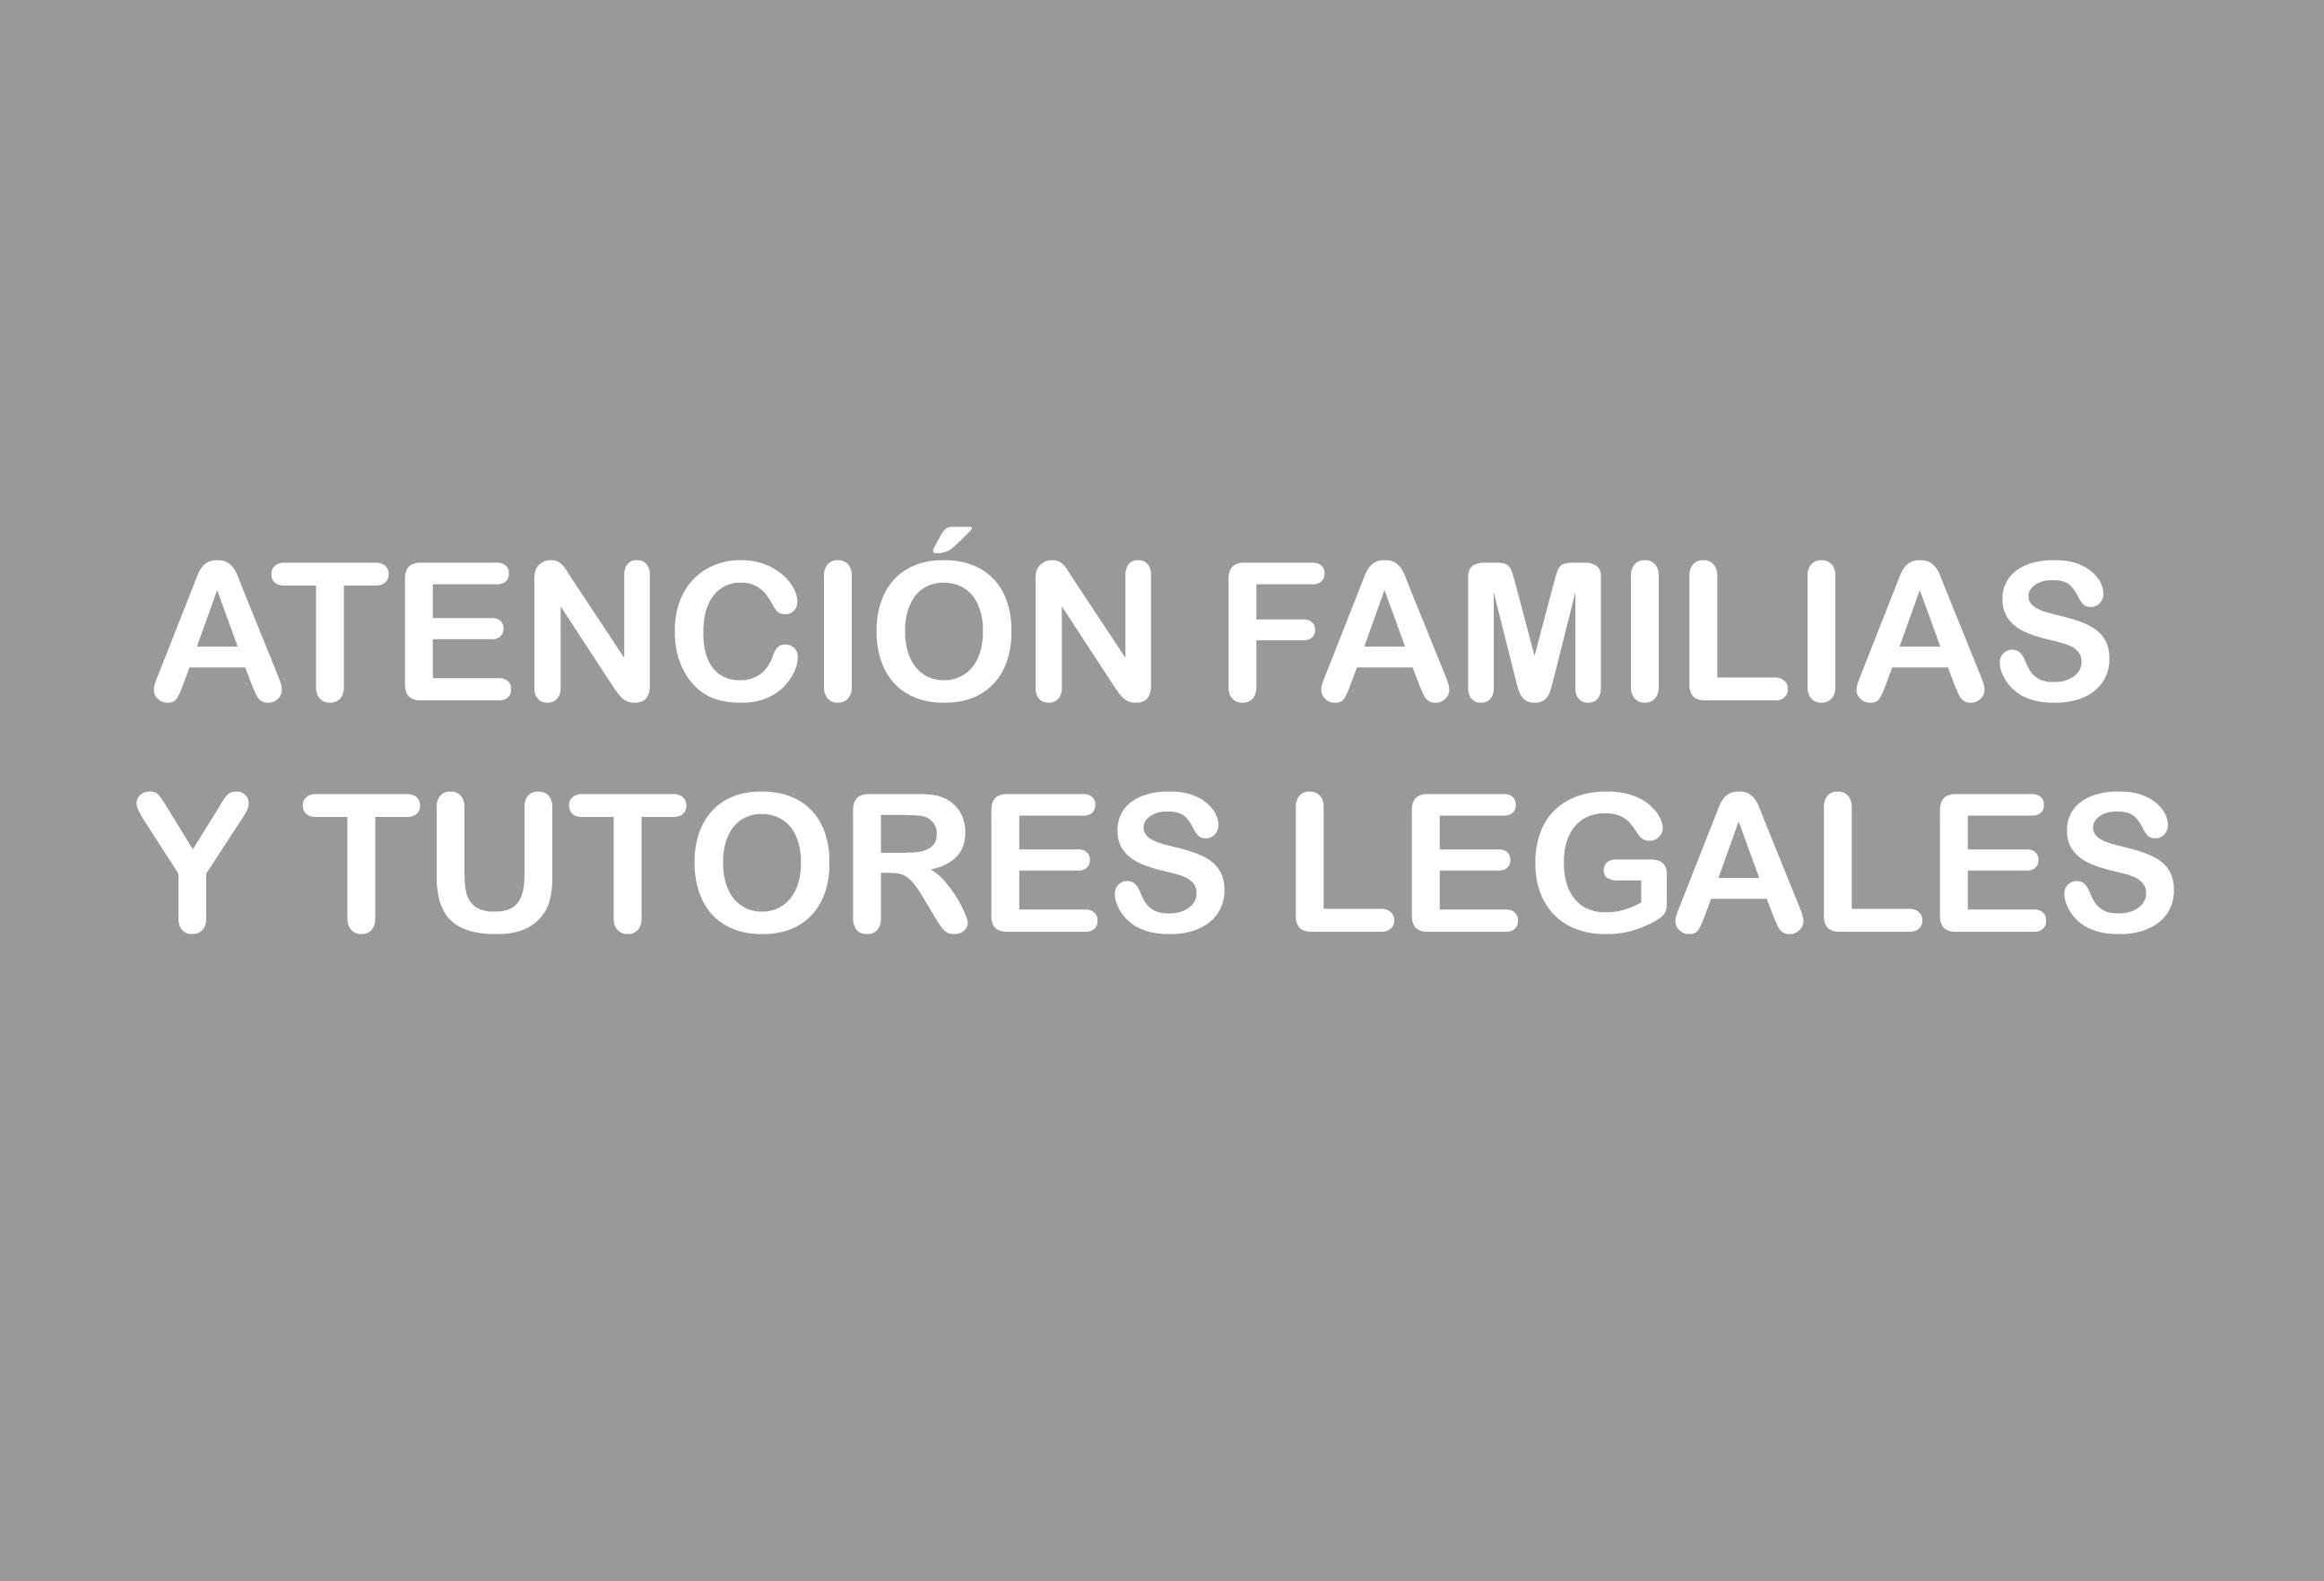 atencion-familias